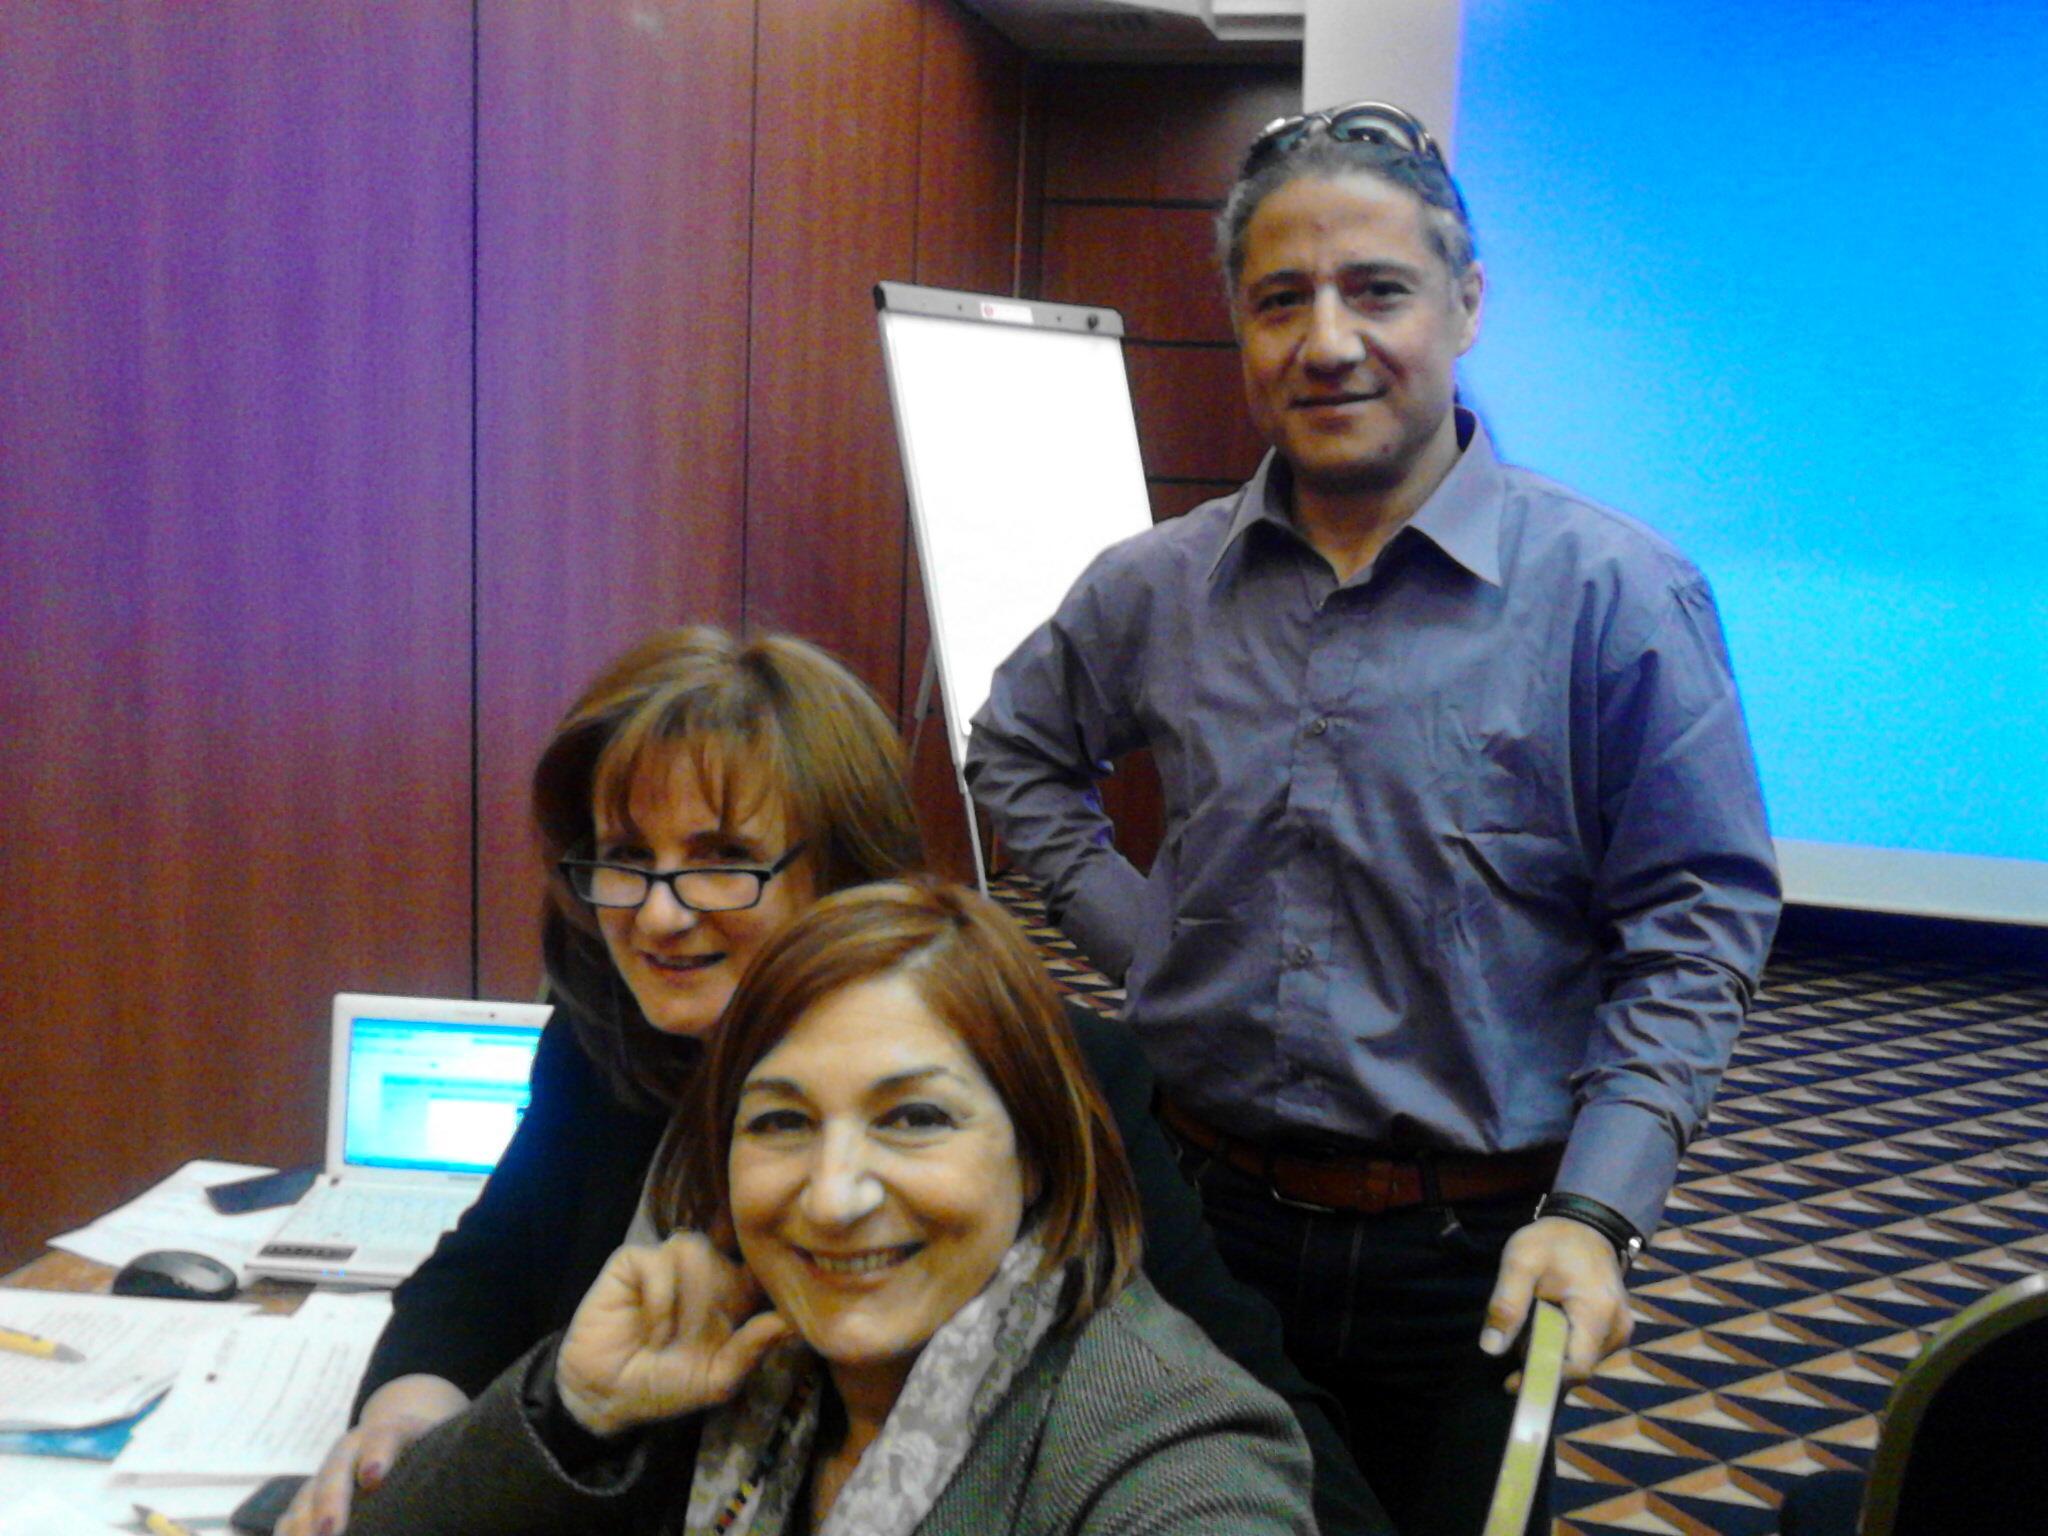 il mio gruppo di lavoro, tre componenti: Io, Mariateresa Gargiulo e Rachele Morga